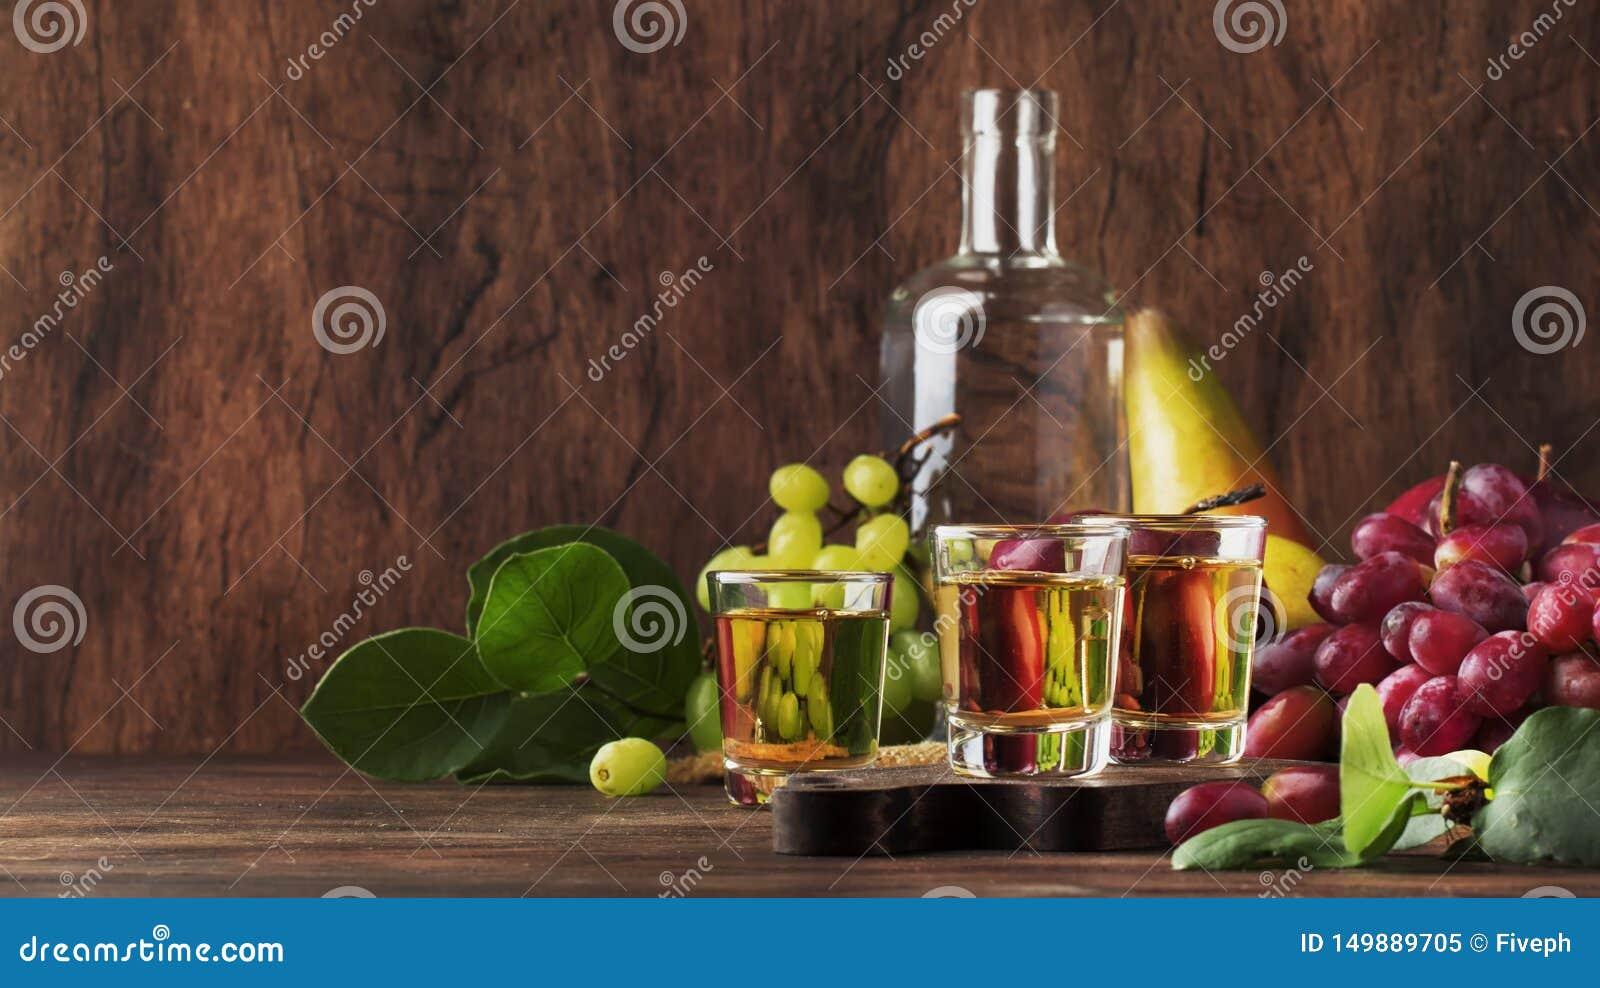 Rakija, raki o rakia - tipo fuerte balcánico basado en las frutas fermentadas, tabla de madera del vintage, aún vida del brandy d